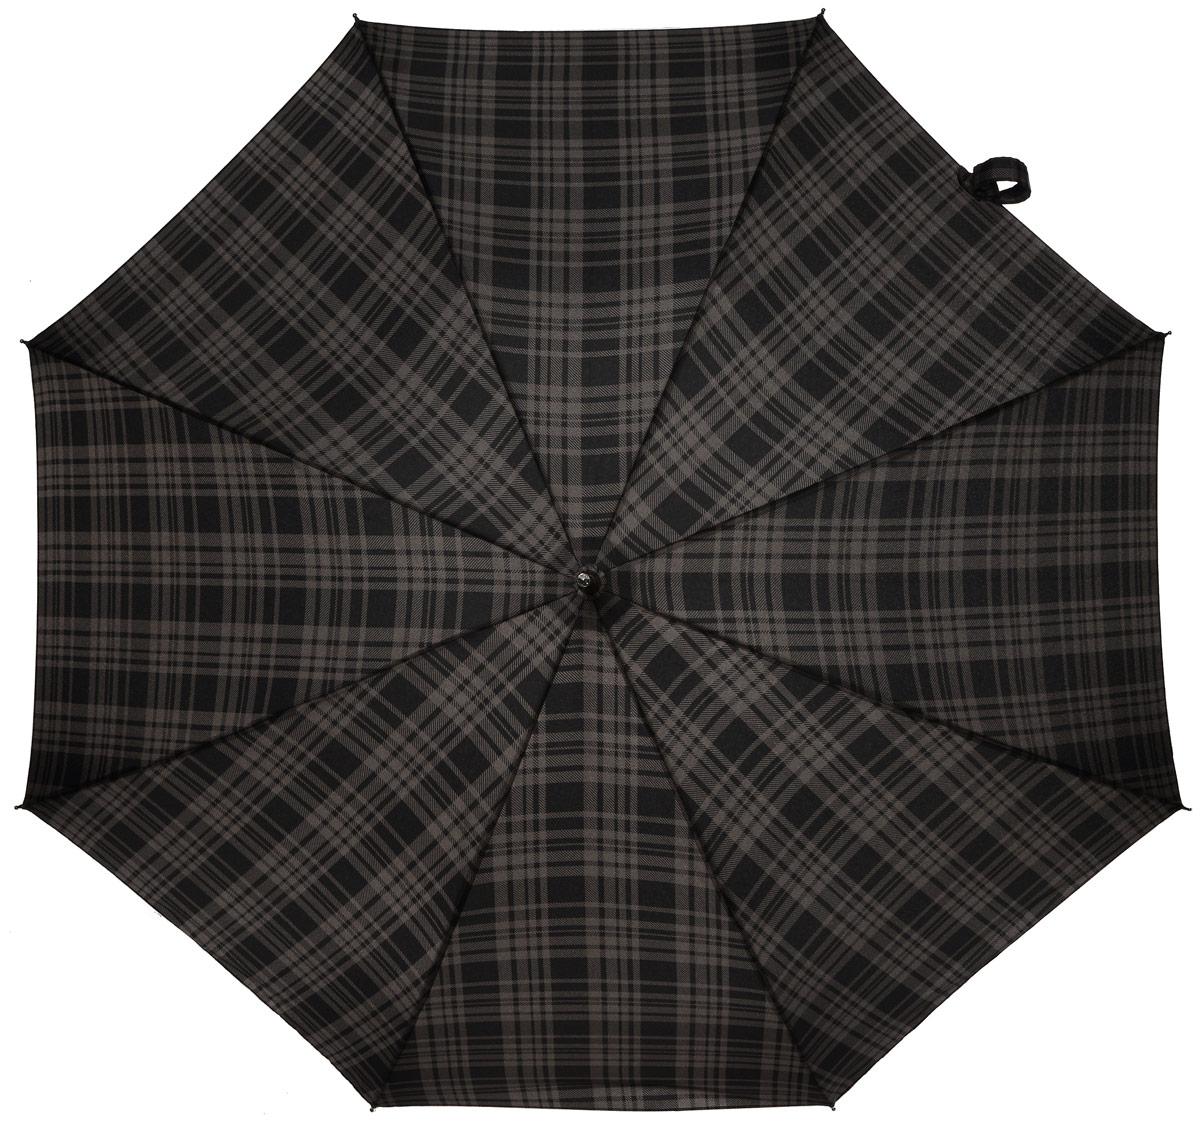 Зонт-трость мужской Fulton, автомат, цвет: черный, бежевый. G832-2839